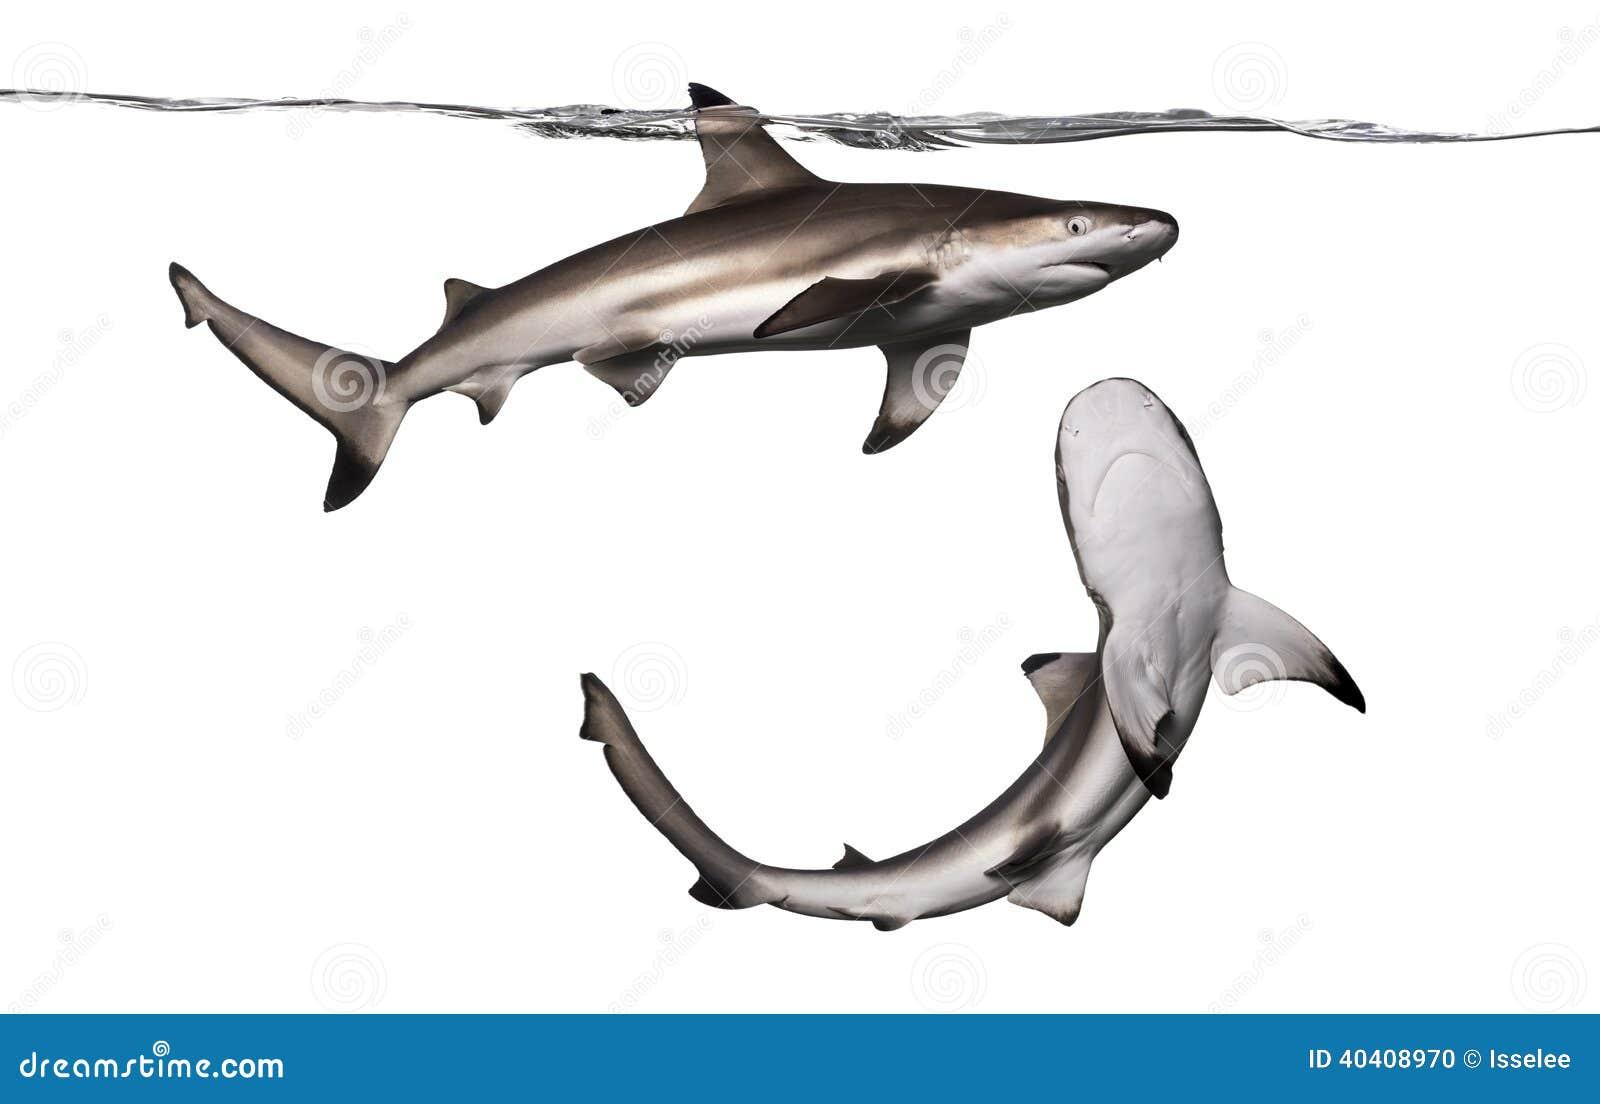 De haai van de Blacktipertsader wordt bekeken die van onderaan